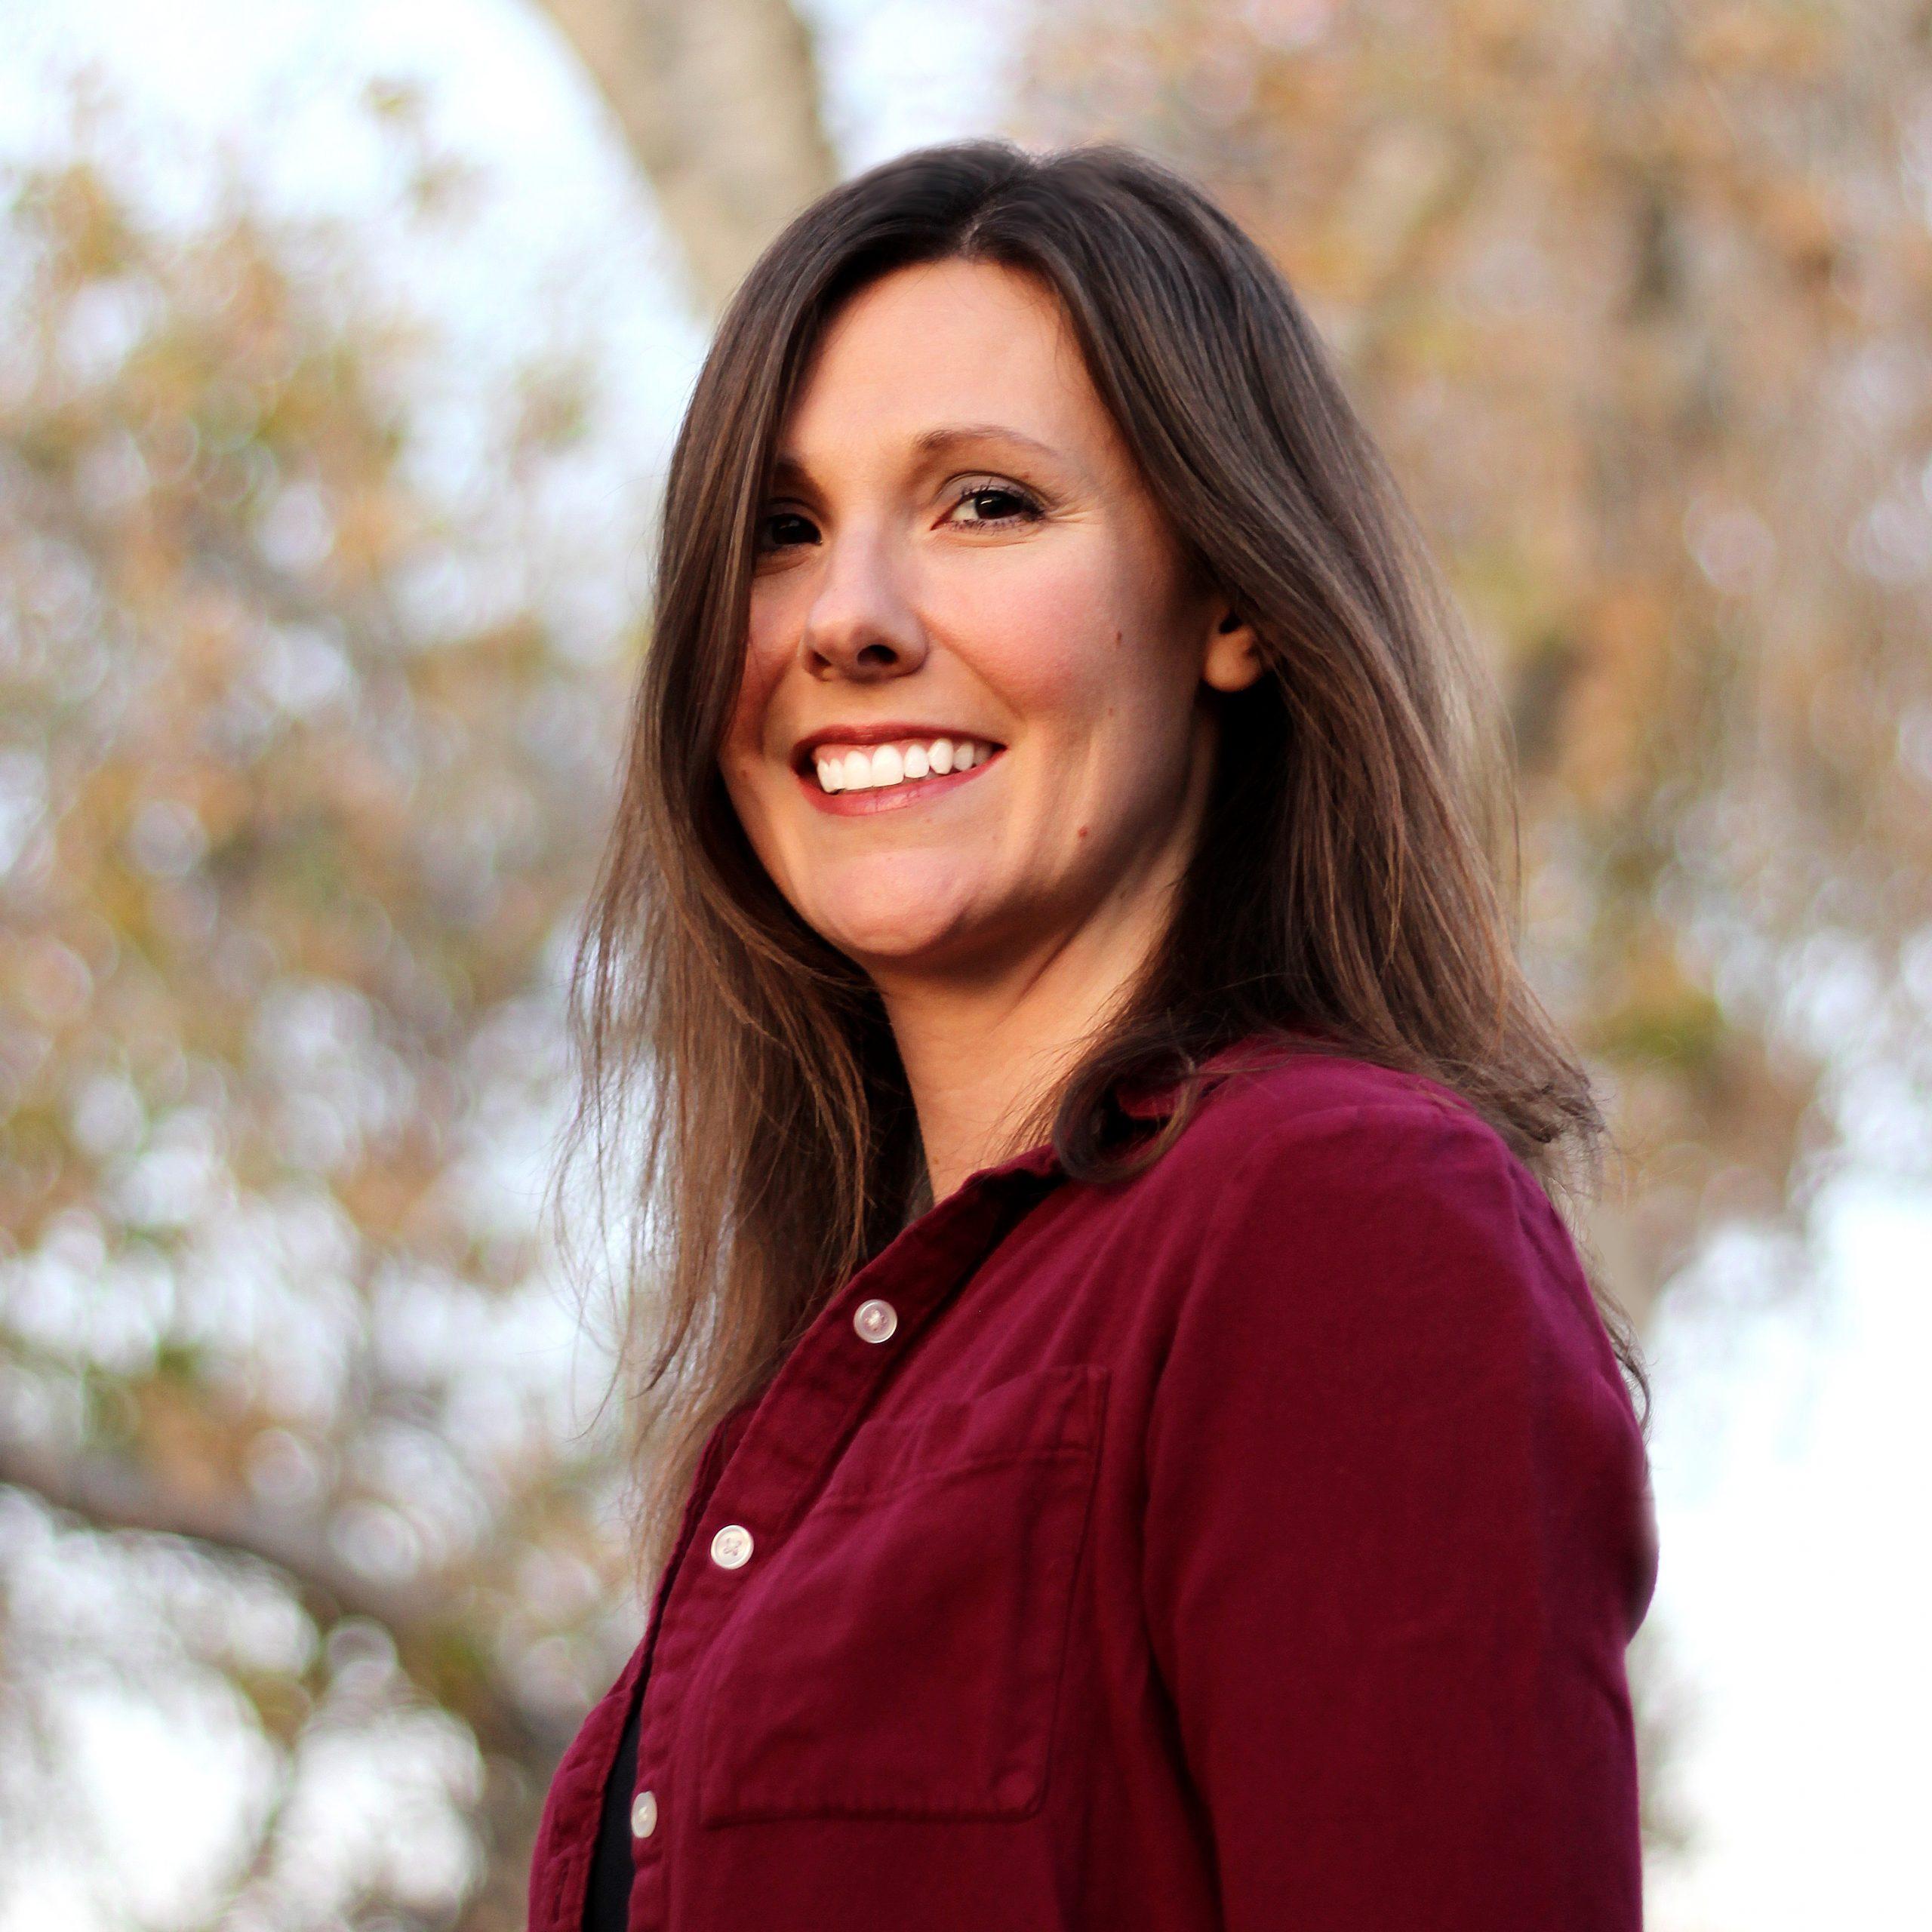 Melanie Tays